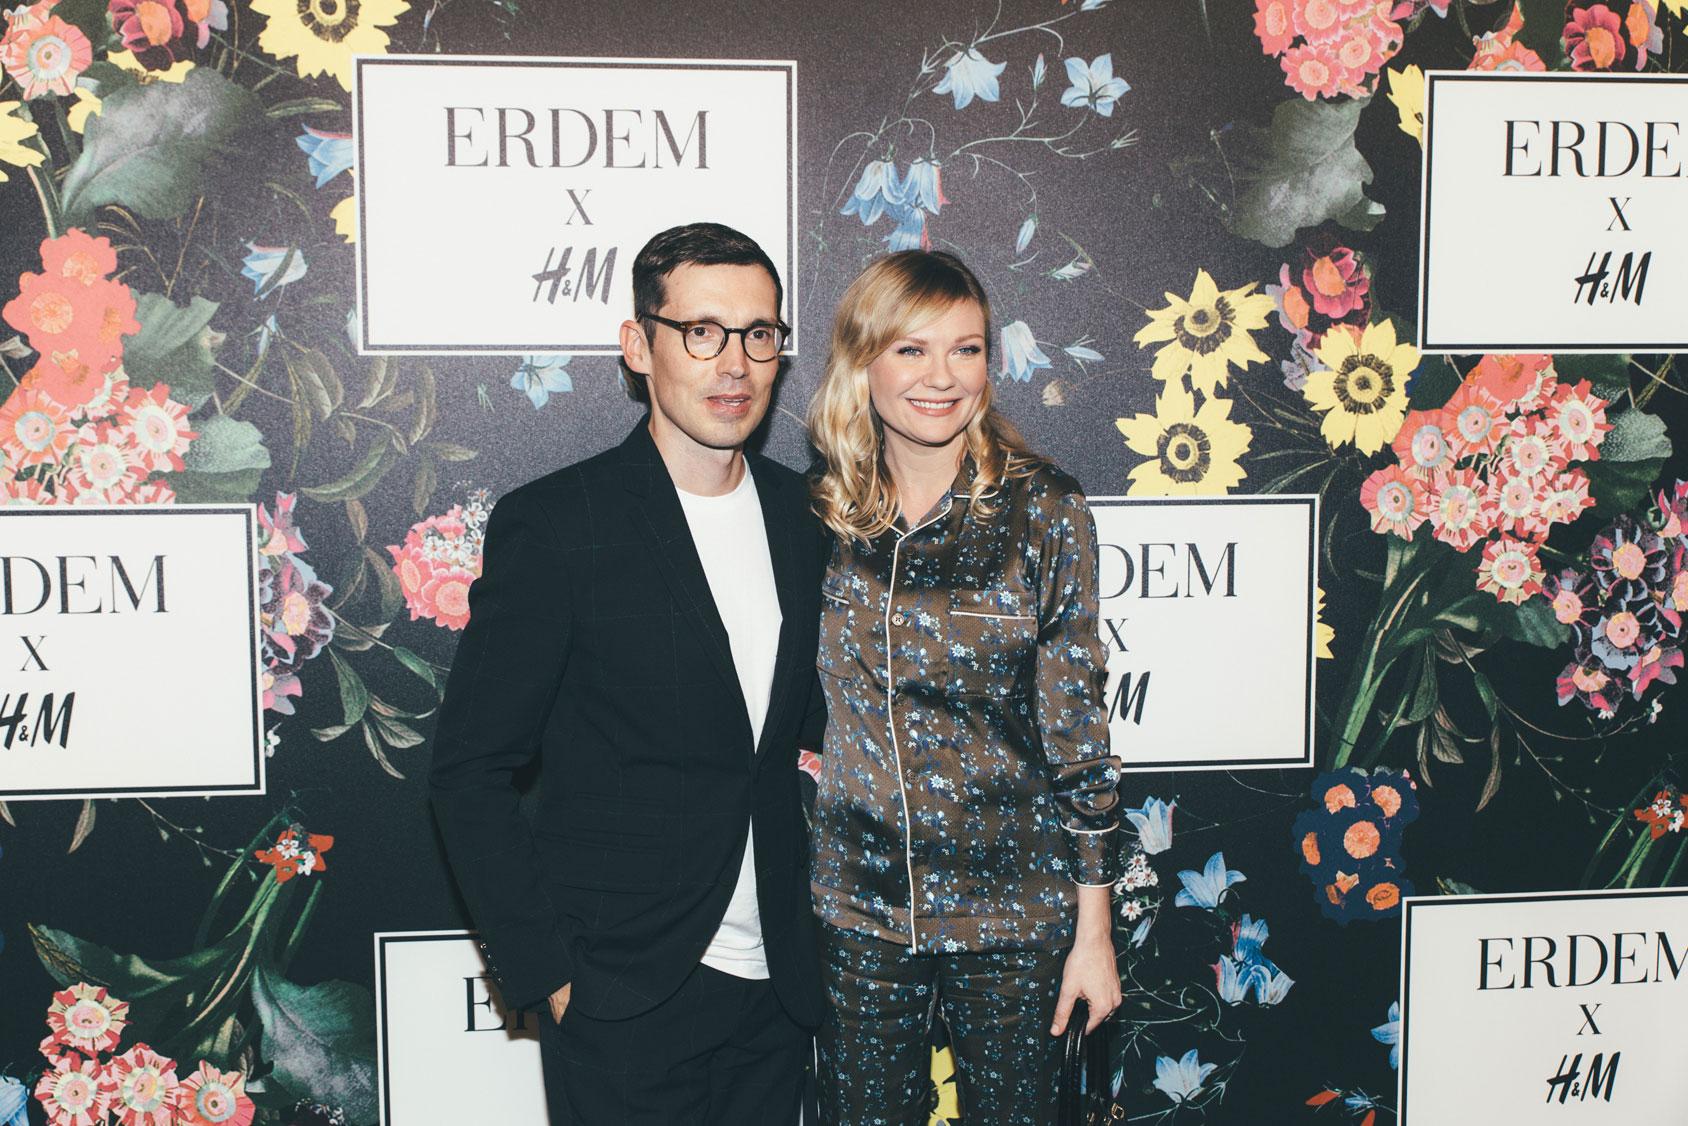 Erdem 和 Kirsten Dunst